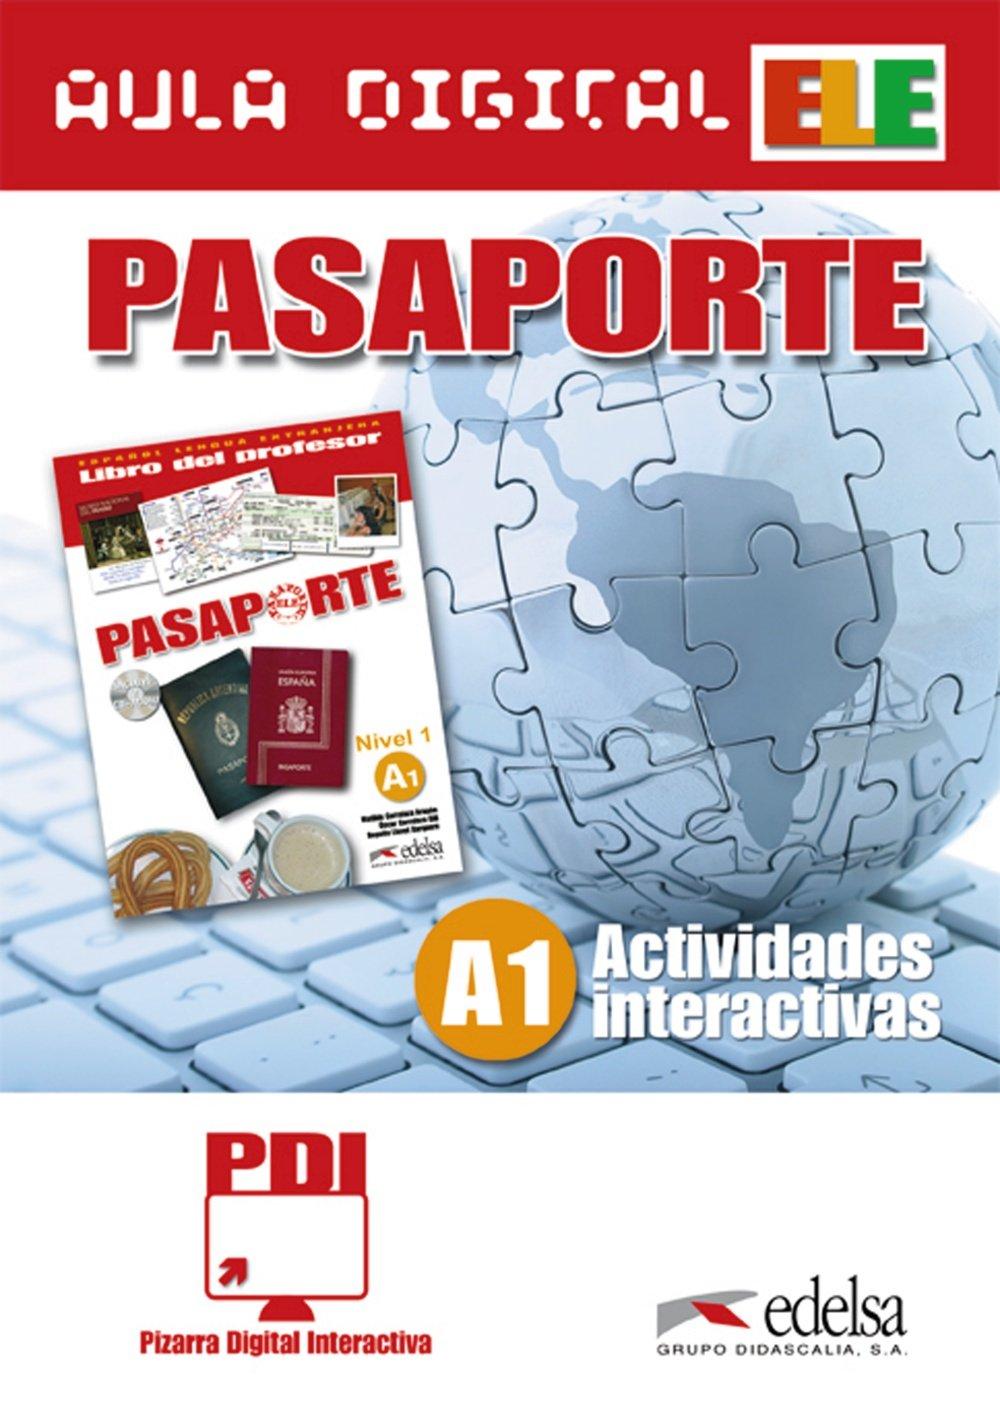 Pasaporte 1 A1 - PDI aula digital - actividades interactivas ...